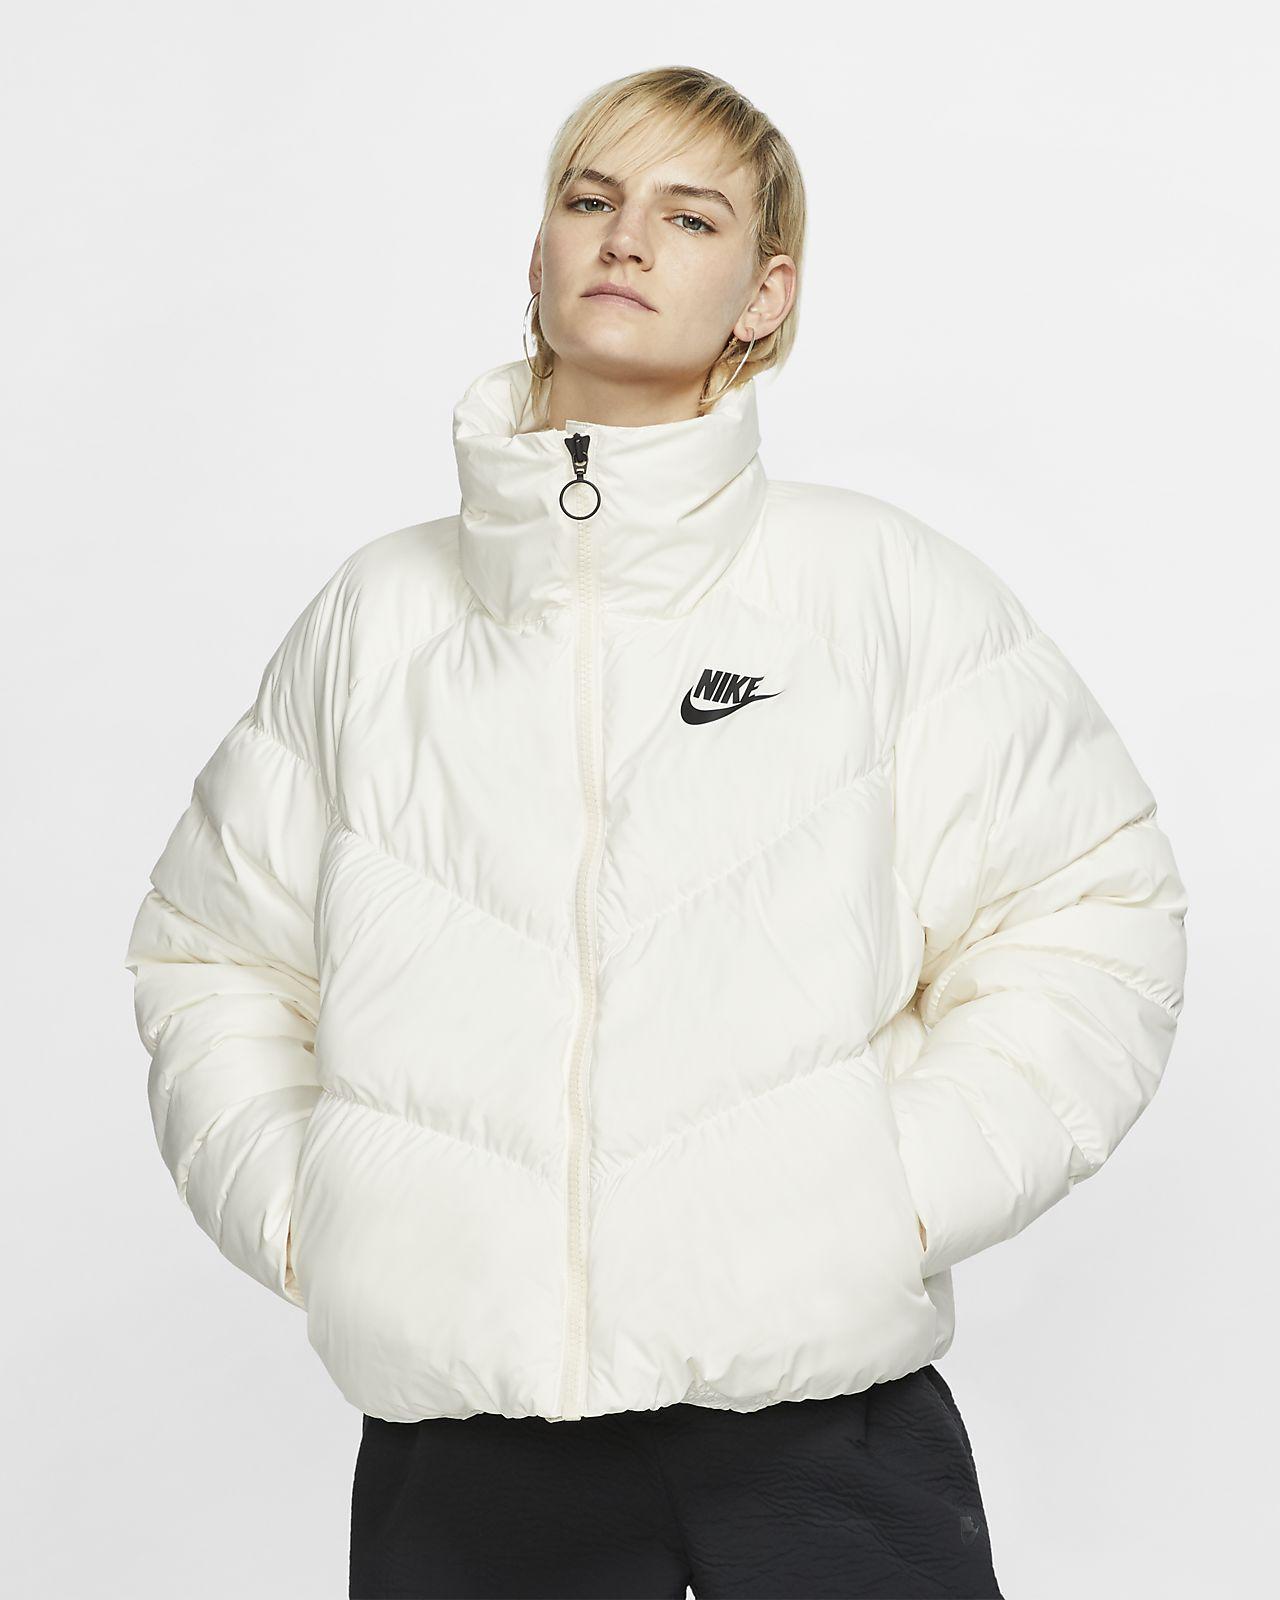 Nike Sportswear Synthetic Fill Women S Jacket Nike Com Jackets For Women Women S Windbreaker Nike Sportswear [ 1600 x 1280 Pixel ]